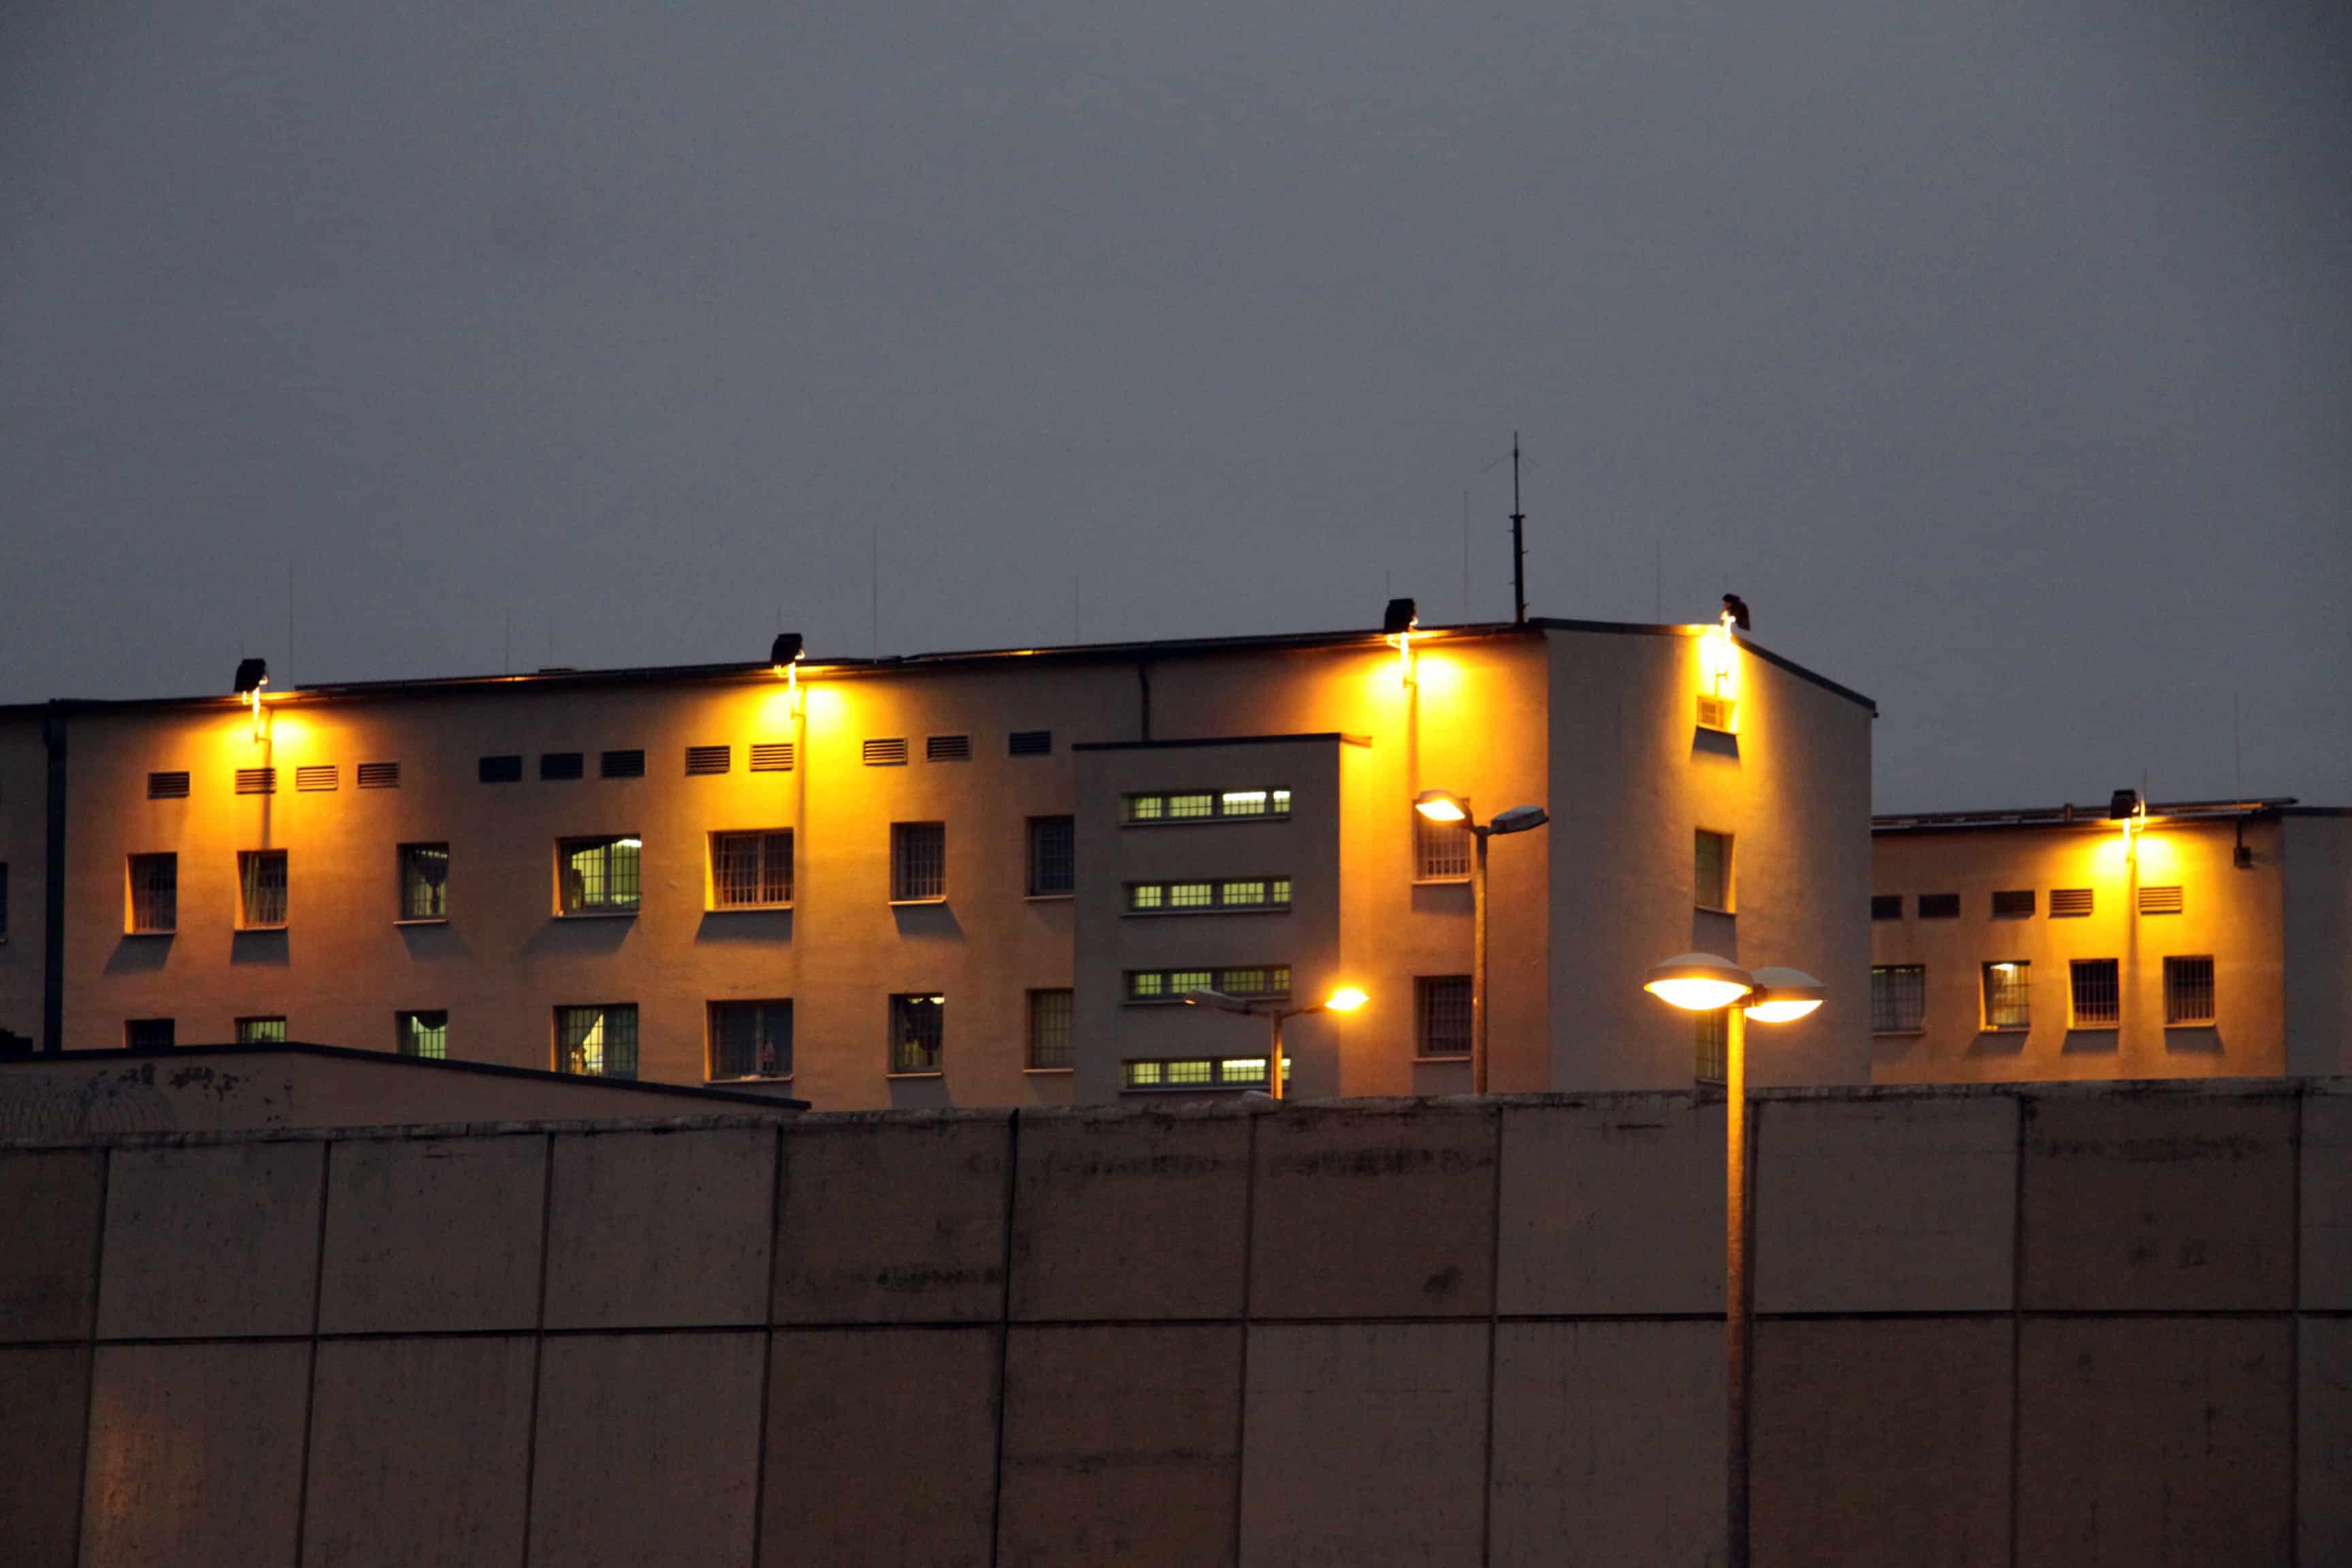 In der JVA soll ein Gefangener in den Hungerstreik getreten sein. Archivfoto: L-IZ.de